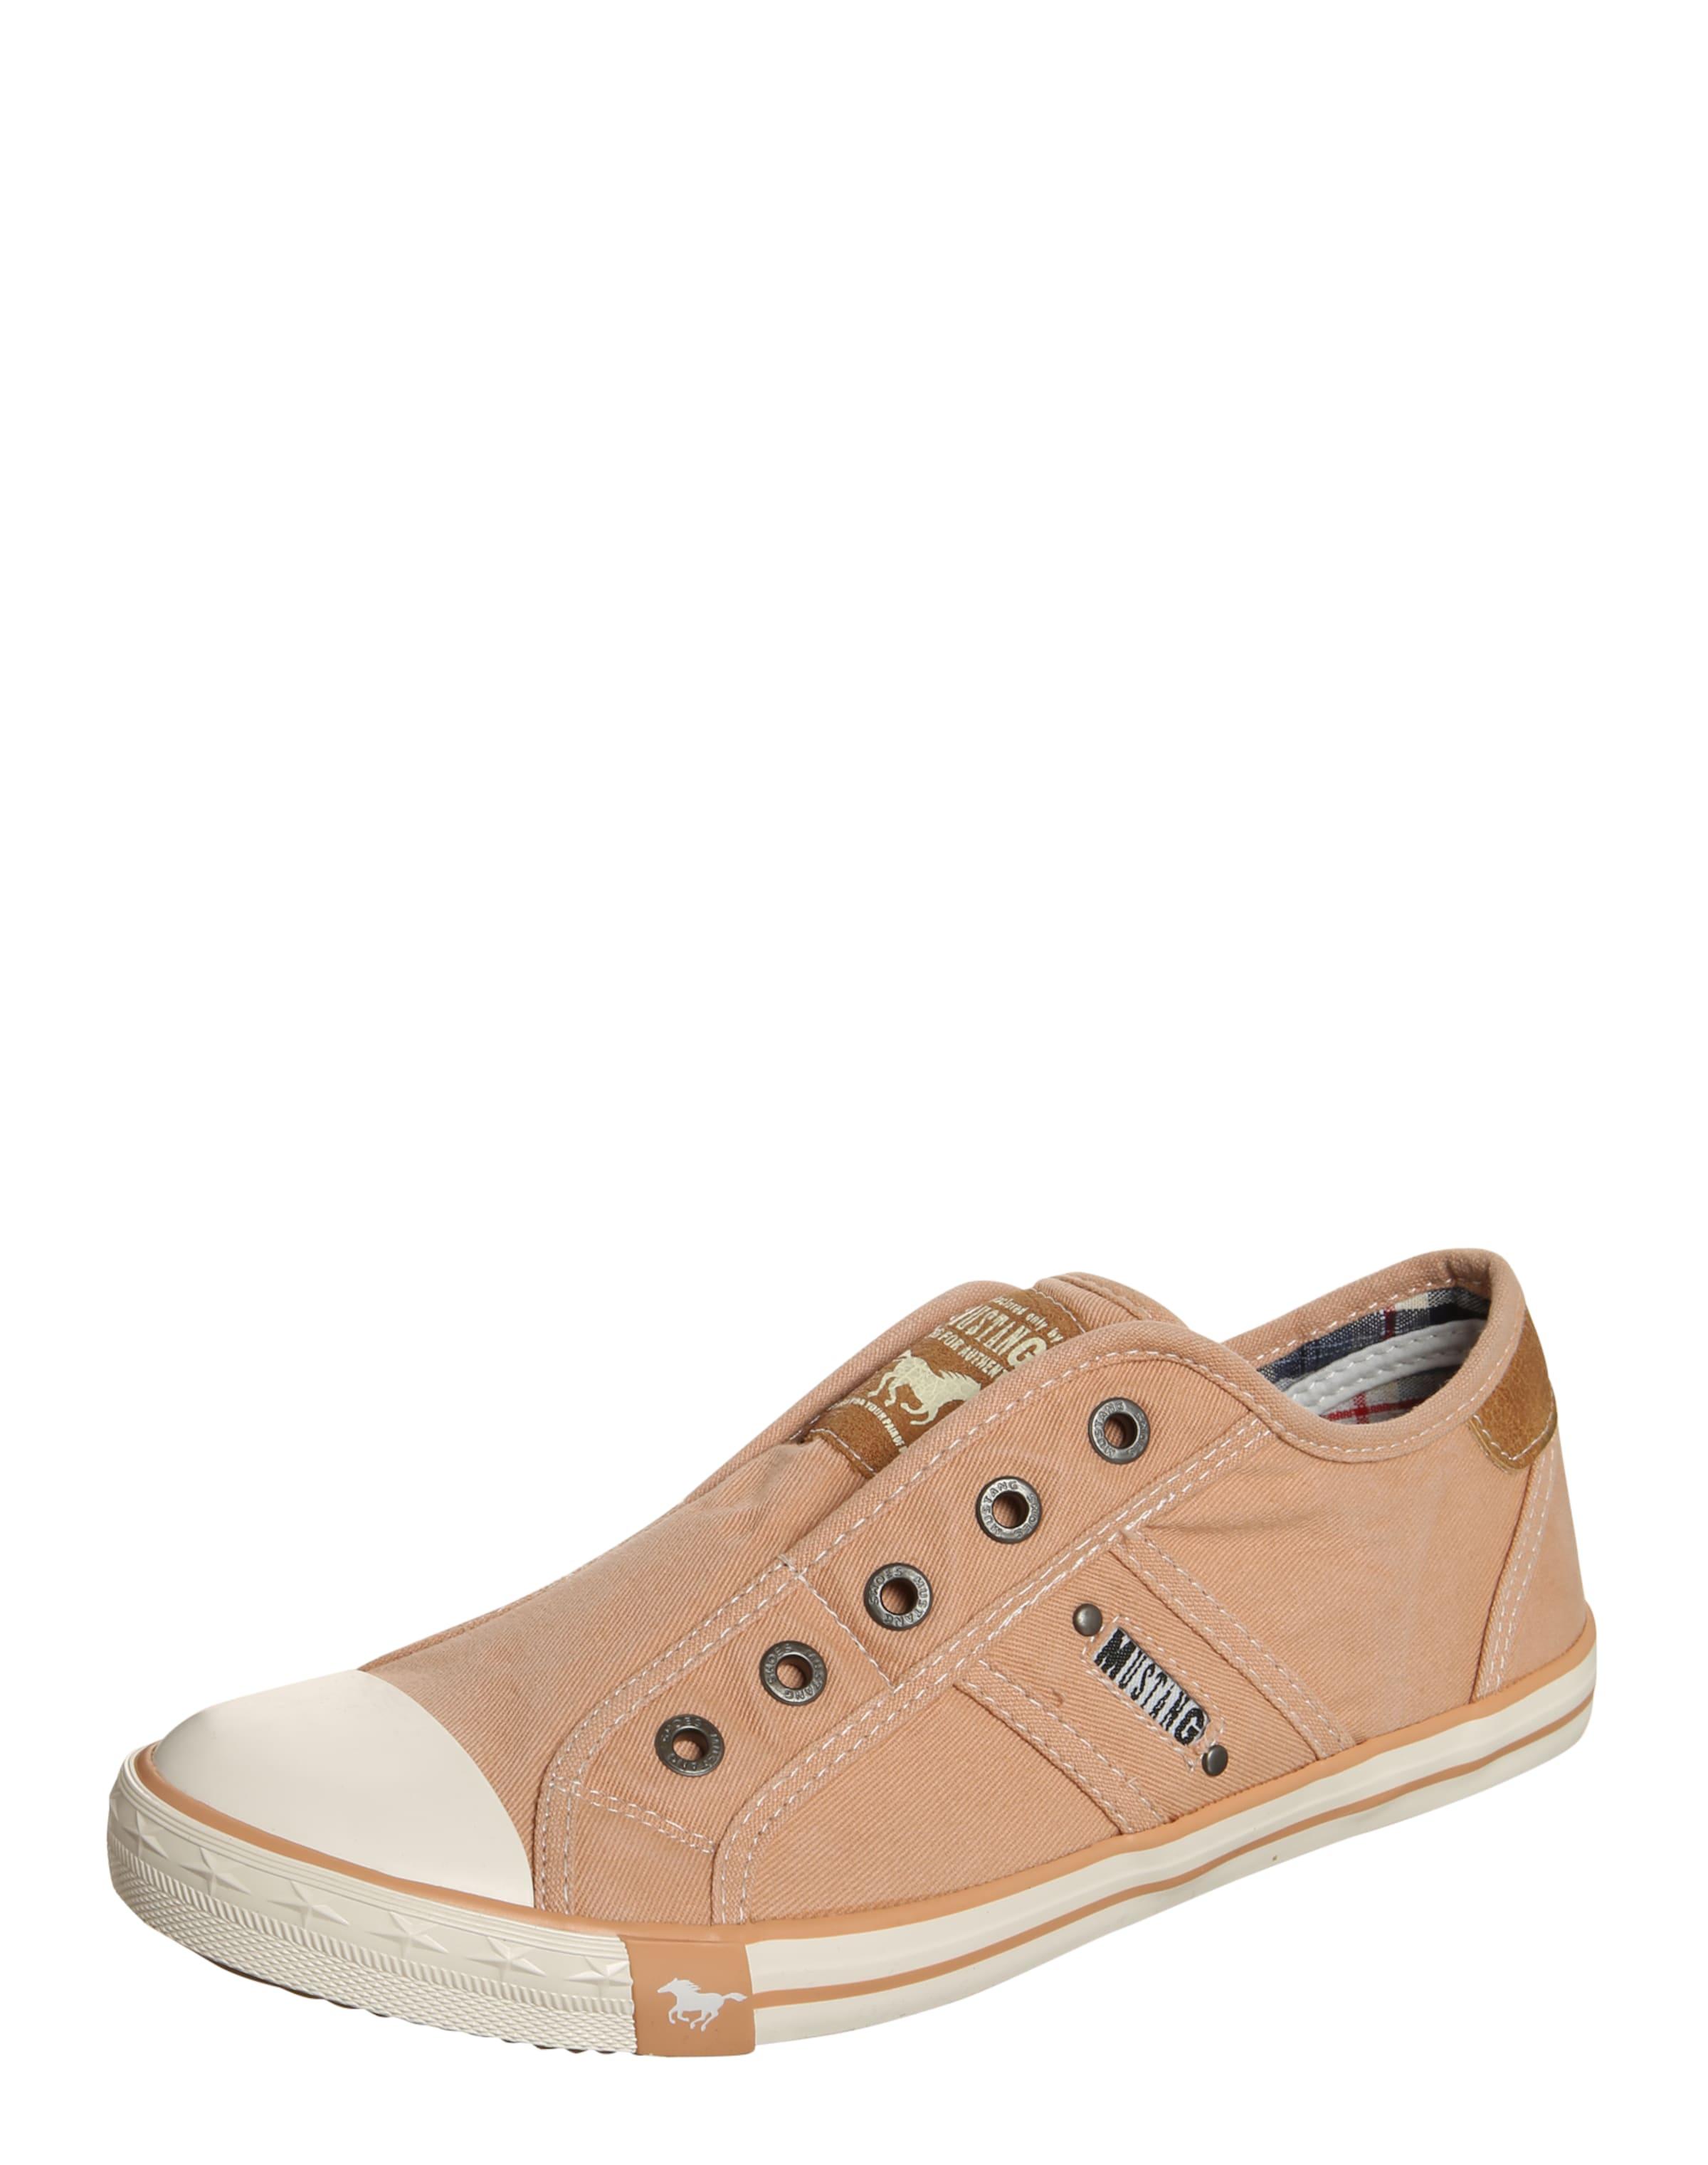 MUSTANG Canvas Slipper Verschleißfeste billige Schuhe